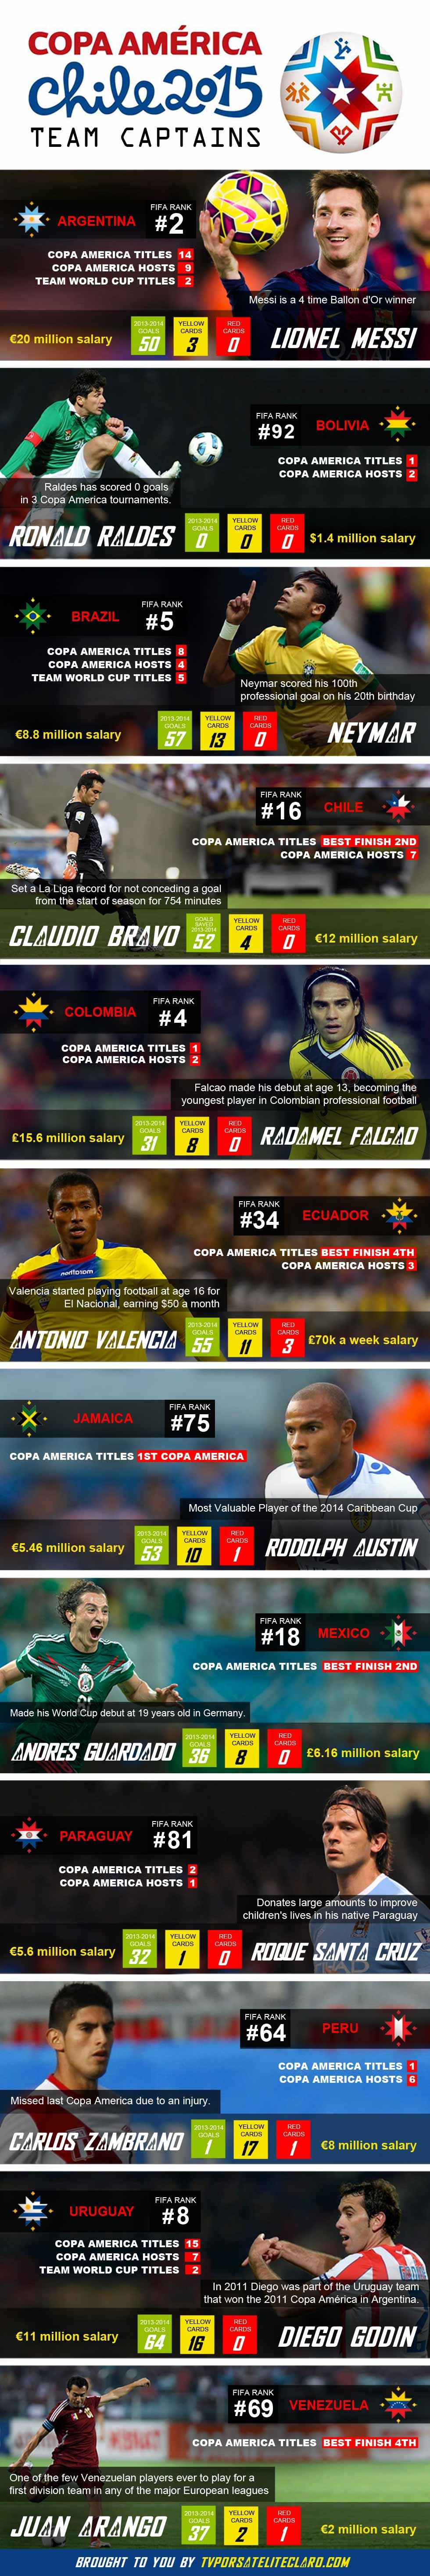 Copa America 2015 - Team Captains